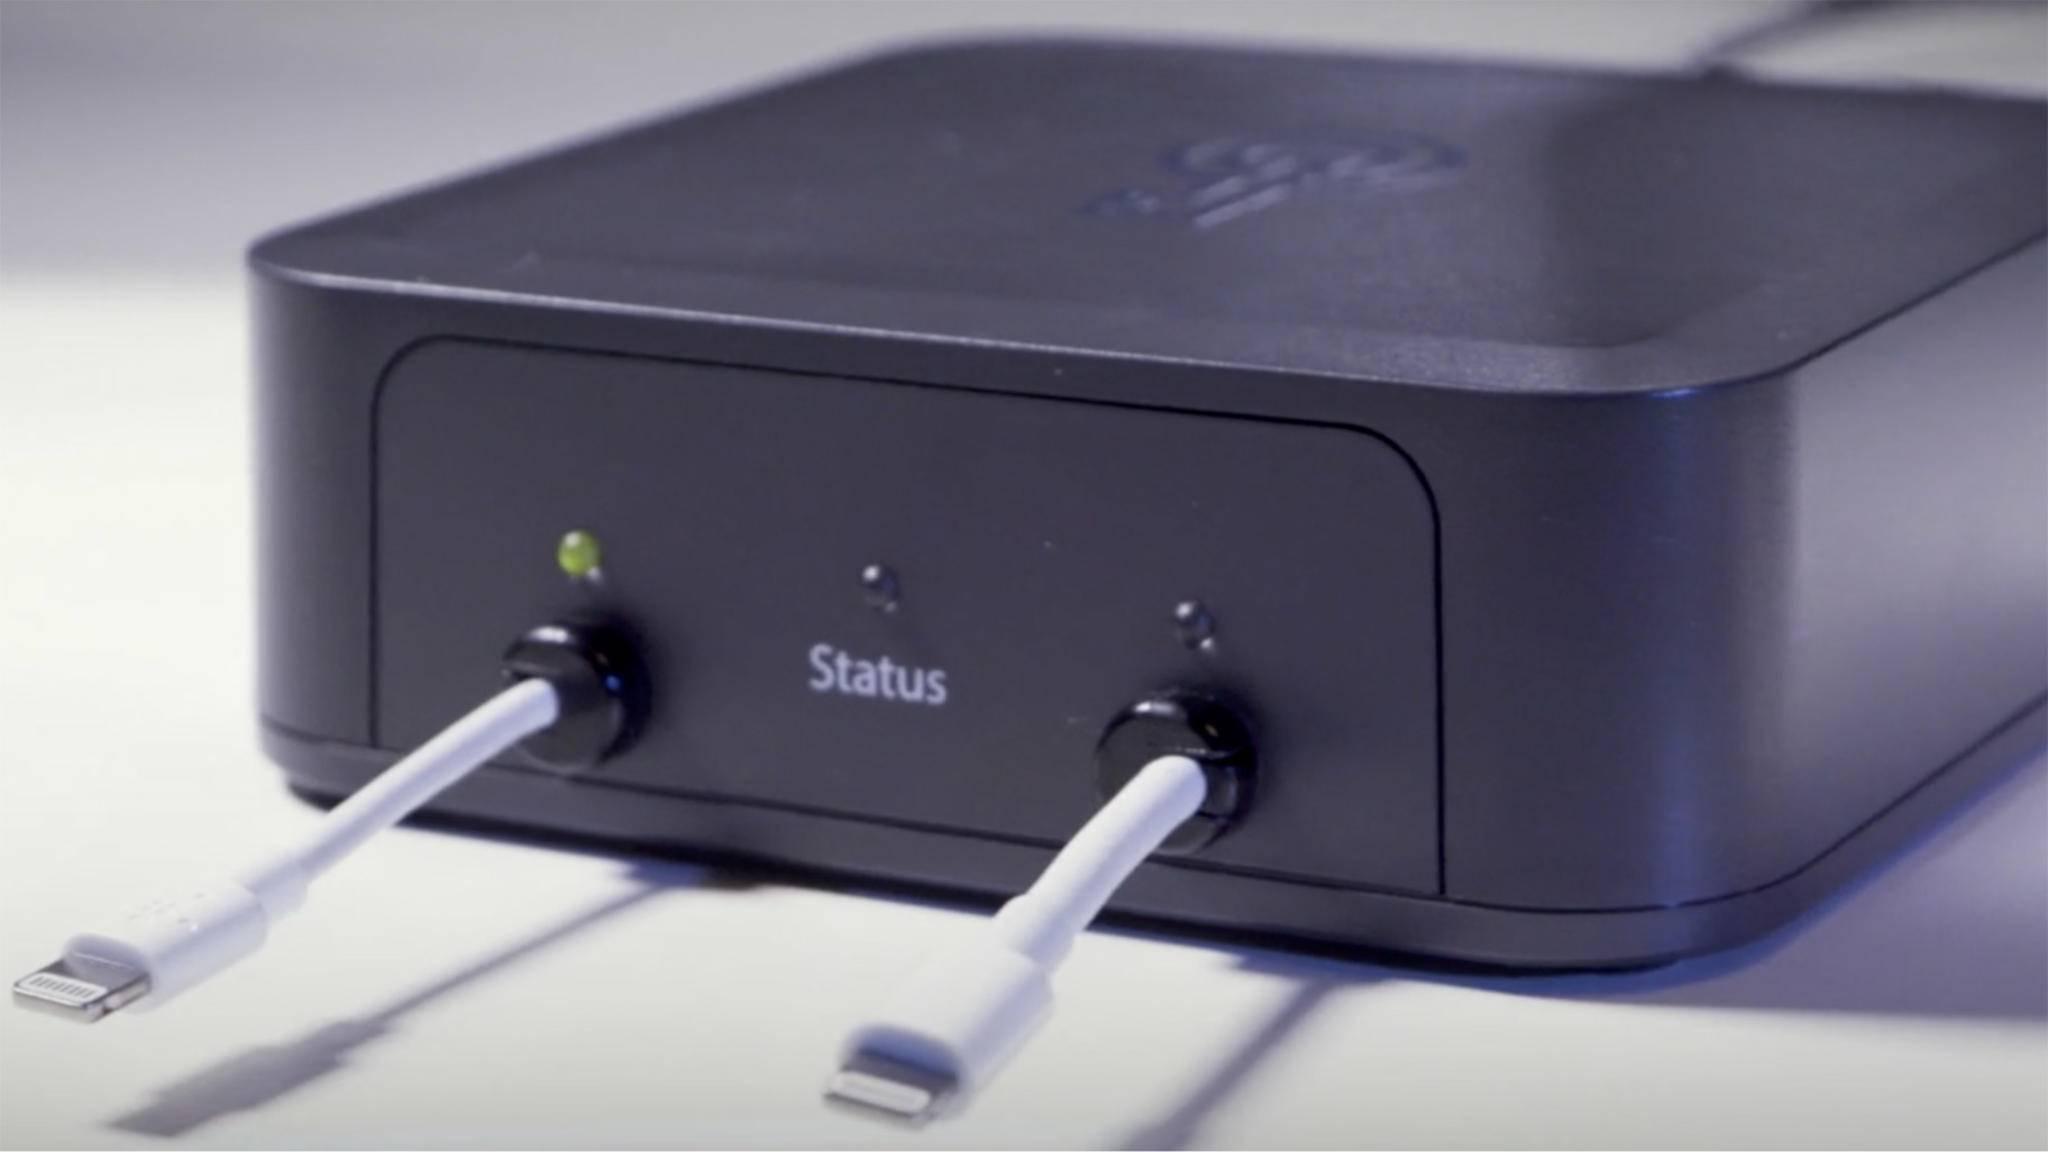 Mit der Box GrayKey kann ein iPhone via Brute-Force-Attacke gehackt werden.